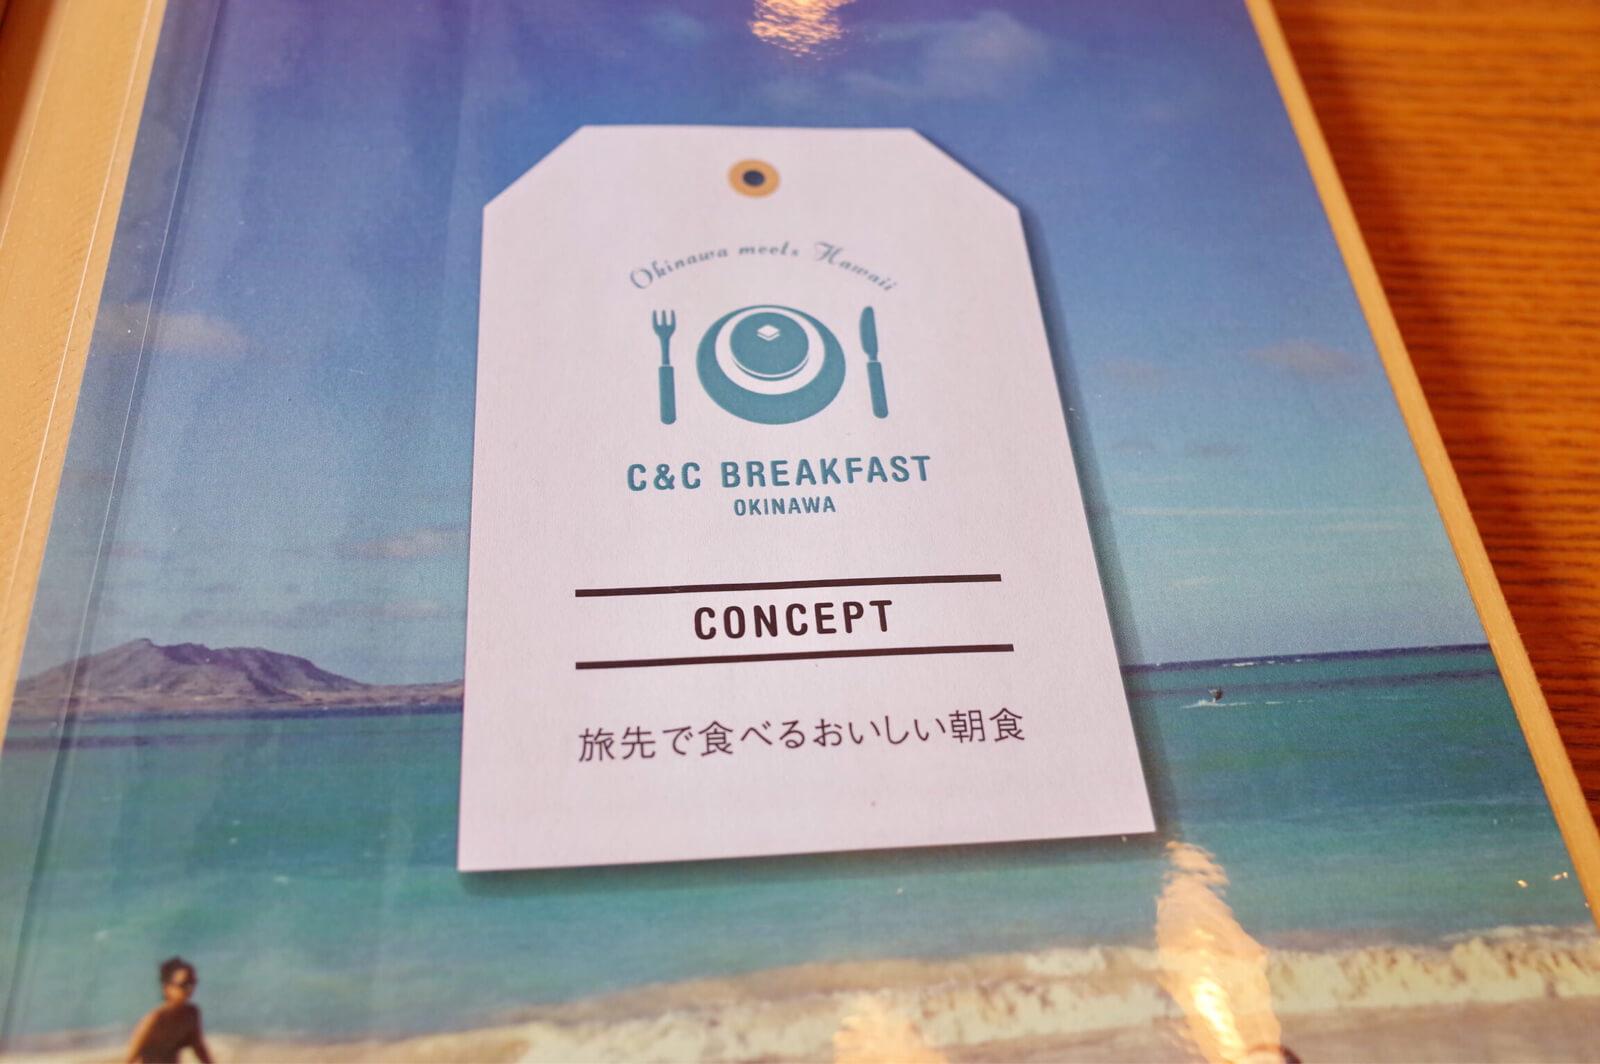 C&C BREAKFAST okinawa メニュー